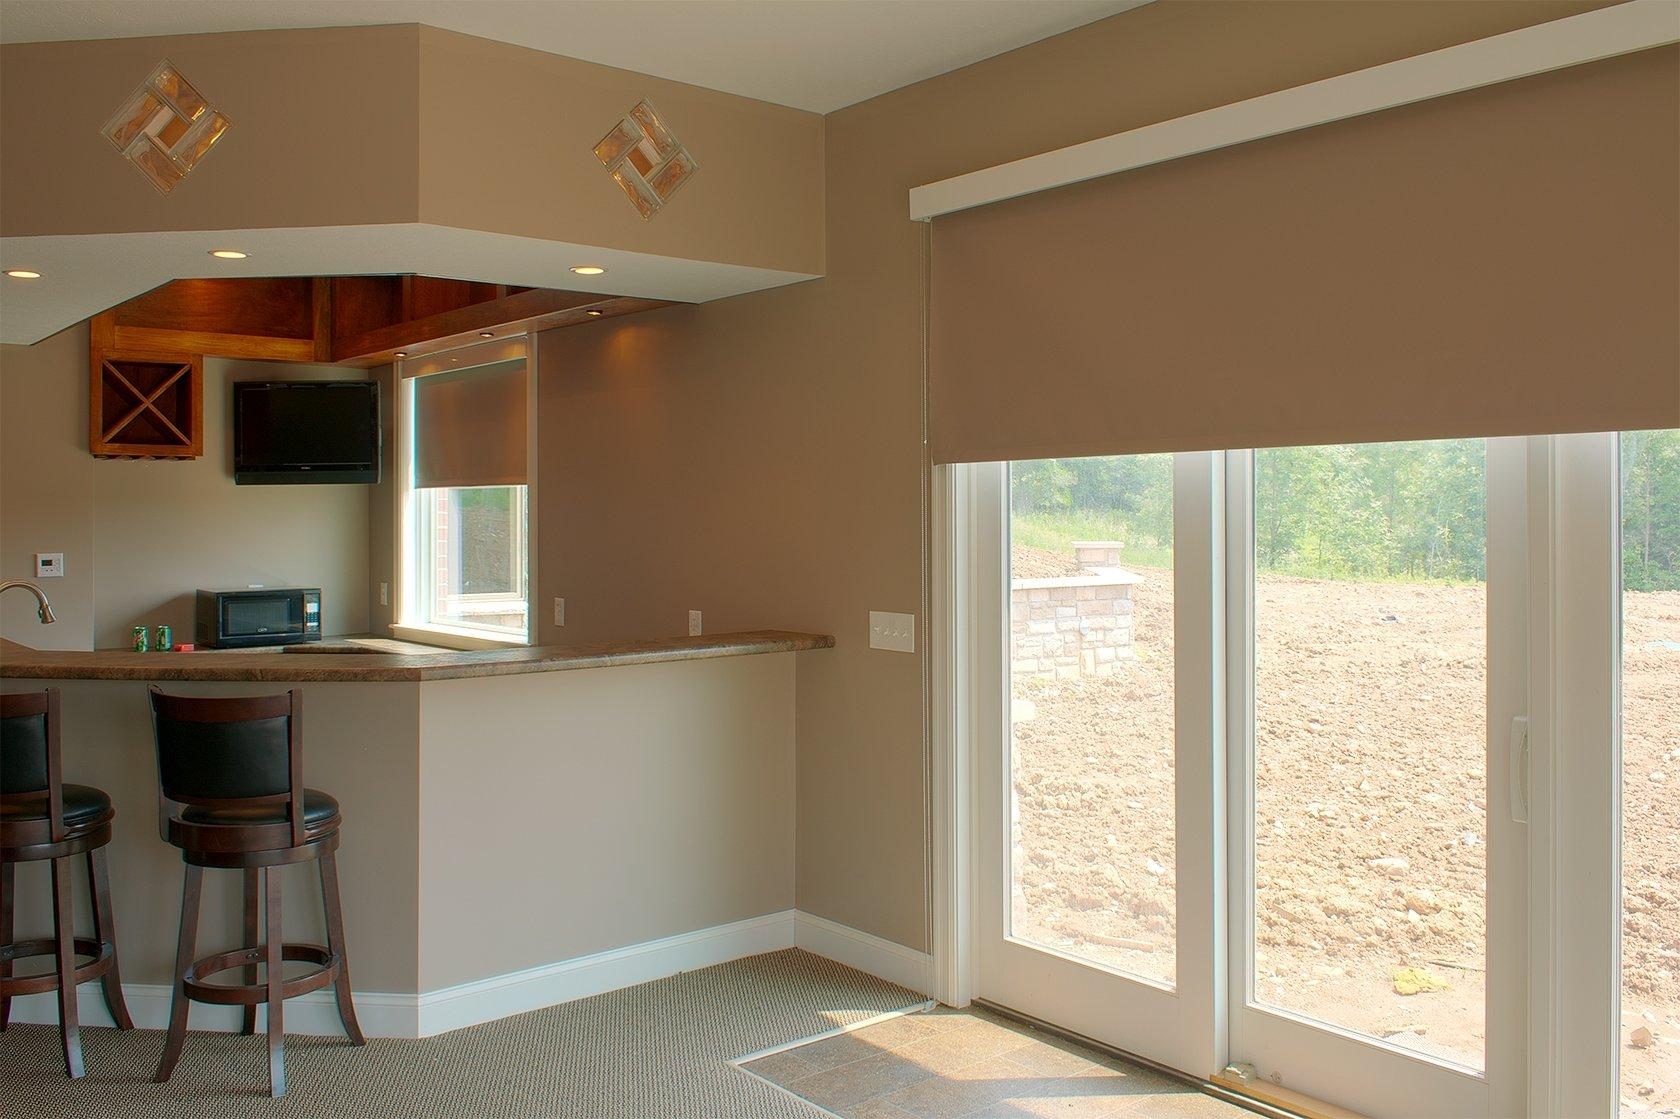 10 Attractive Sliding Door Window Treatments Ideas sliding door window treatment ideas lawnpatiobarn 2020